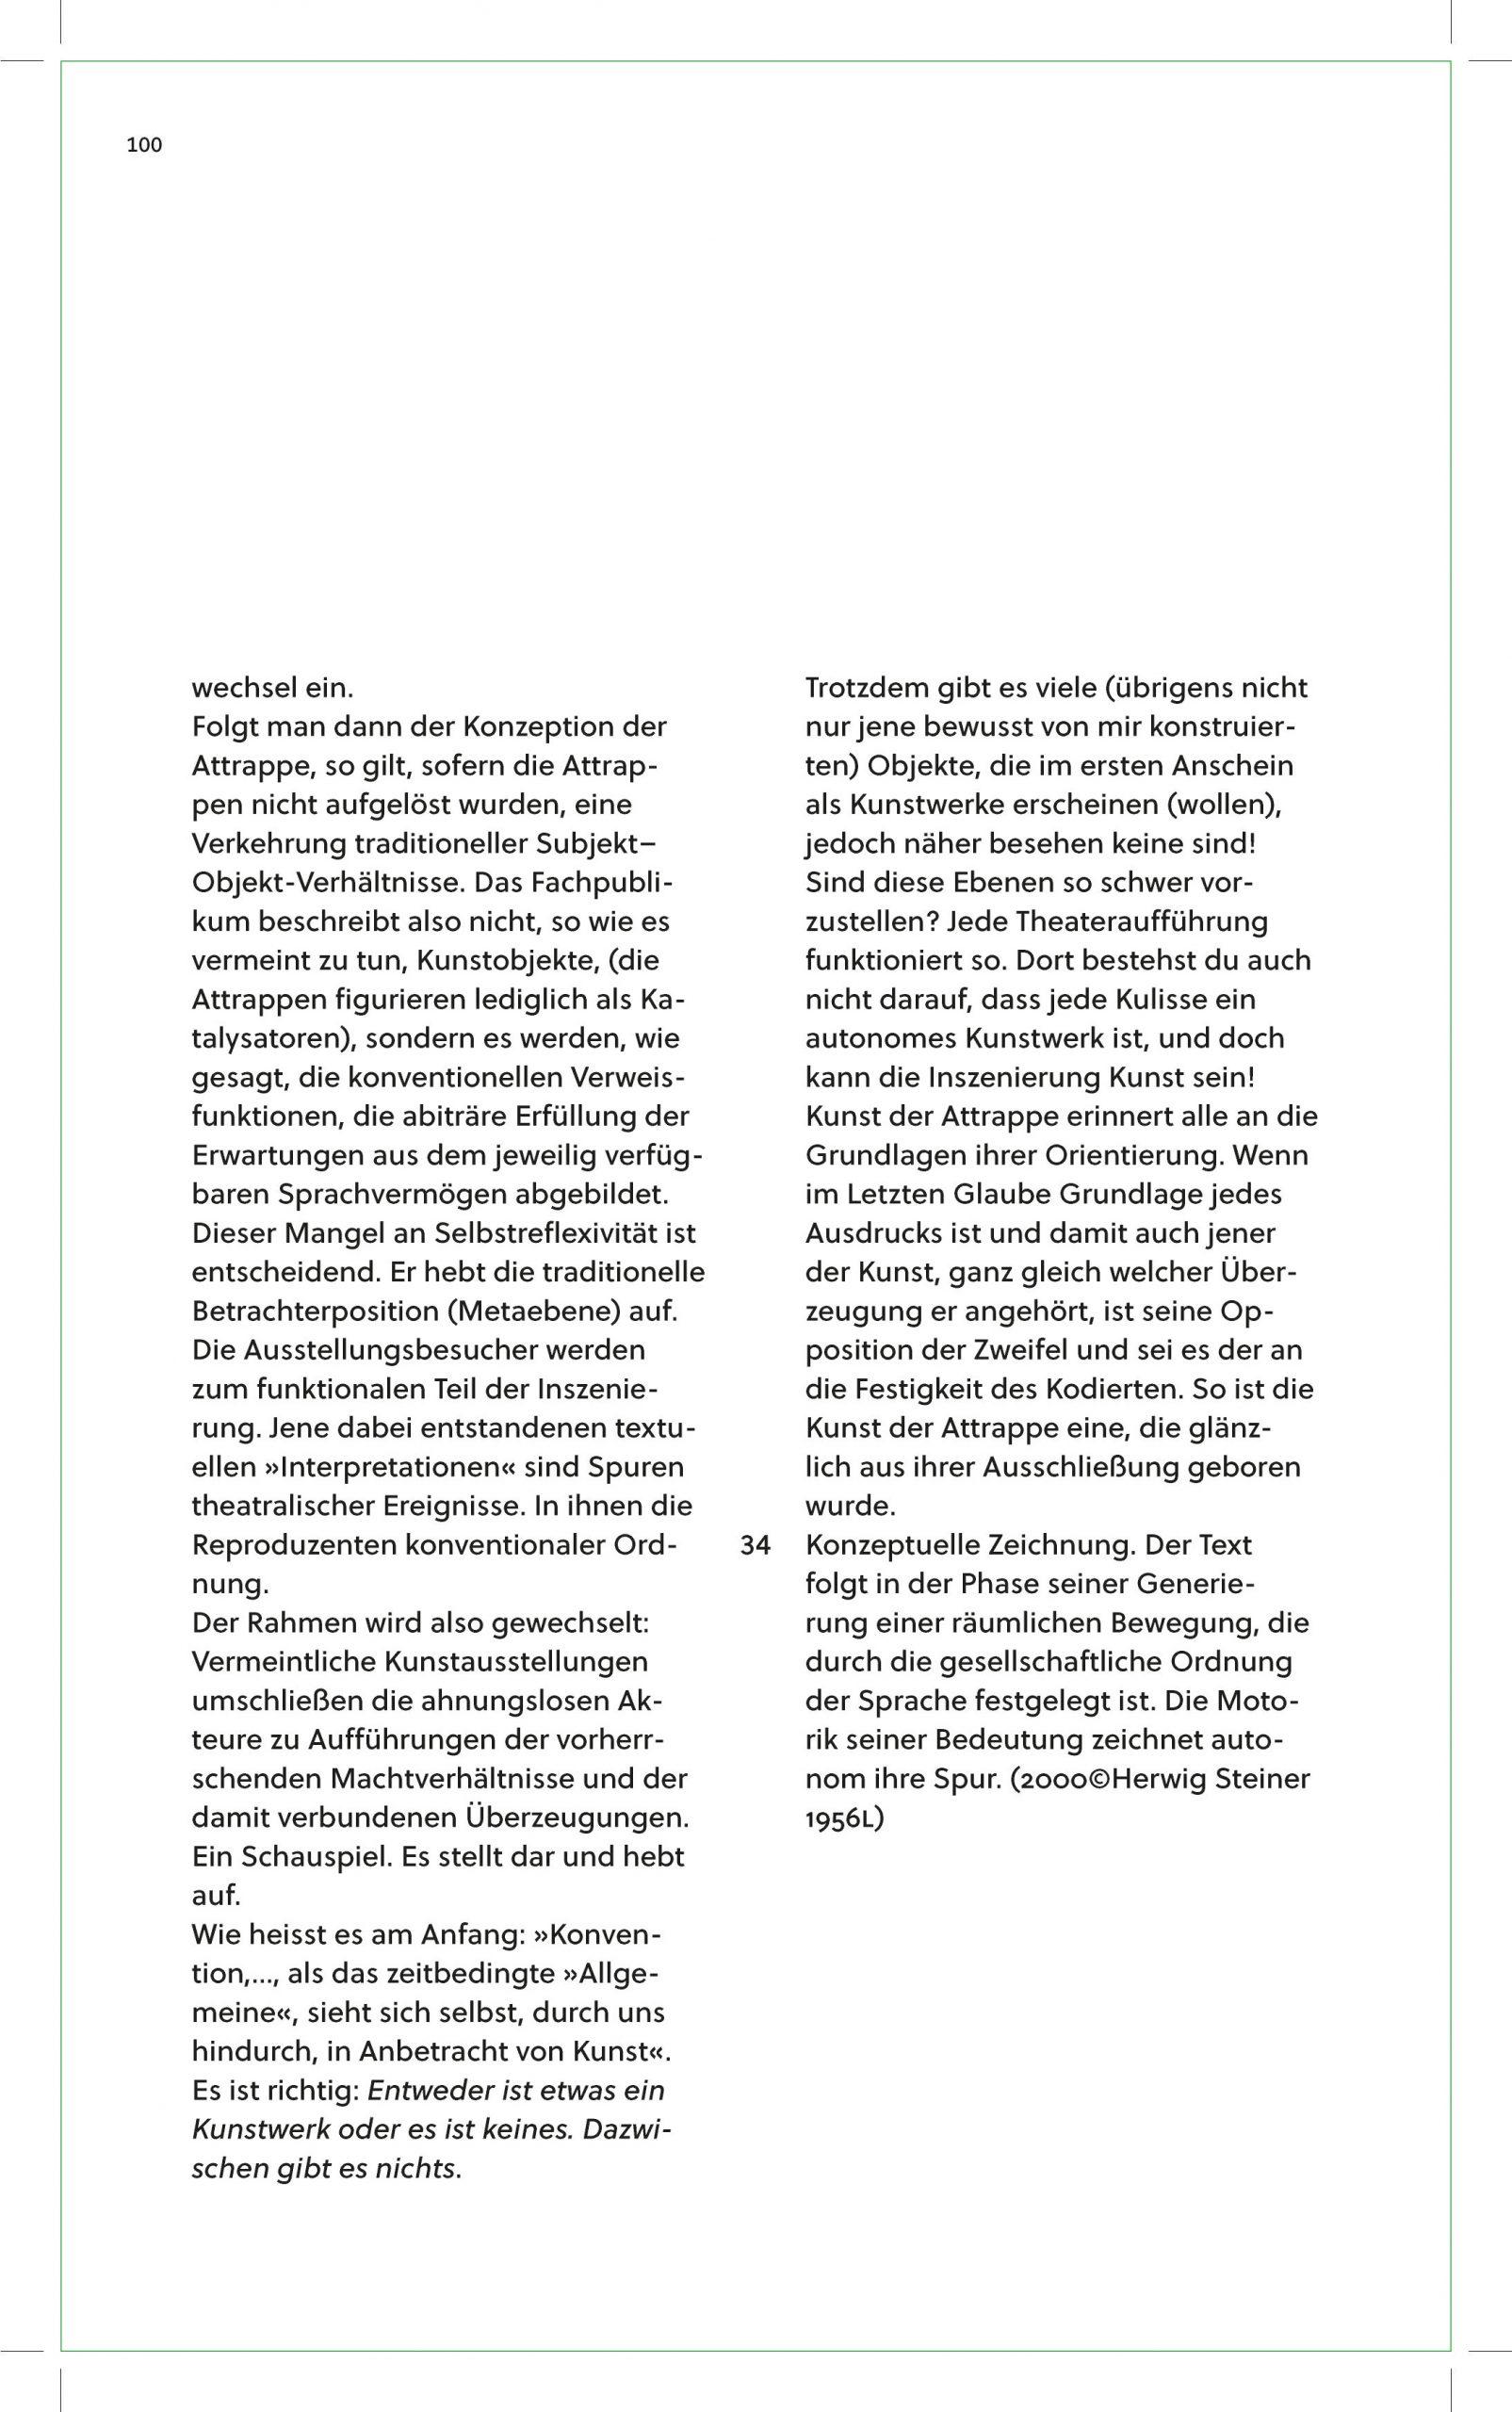 """<a href=""""https://www.herwig-steiner1956l.at/artworks-5/textbewegungsprotokoll/"""" >Link Textbewegungsprotokoll (siehe Anm.34 konzeptuelle Zeichnung)</a>"""